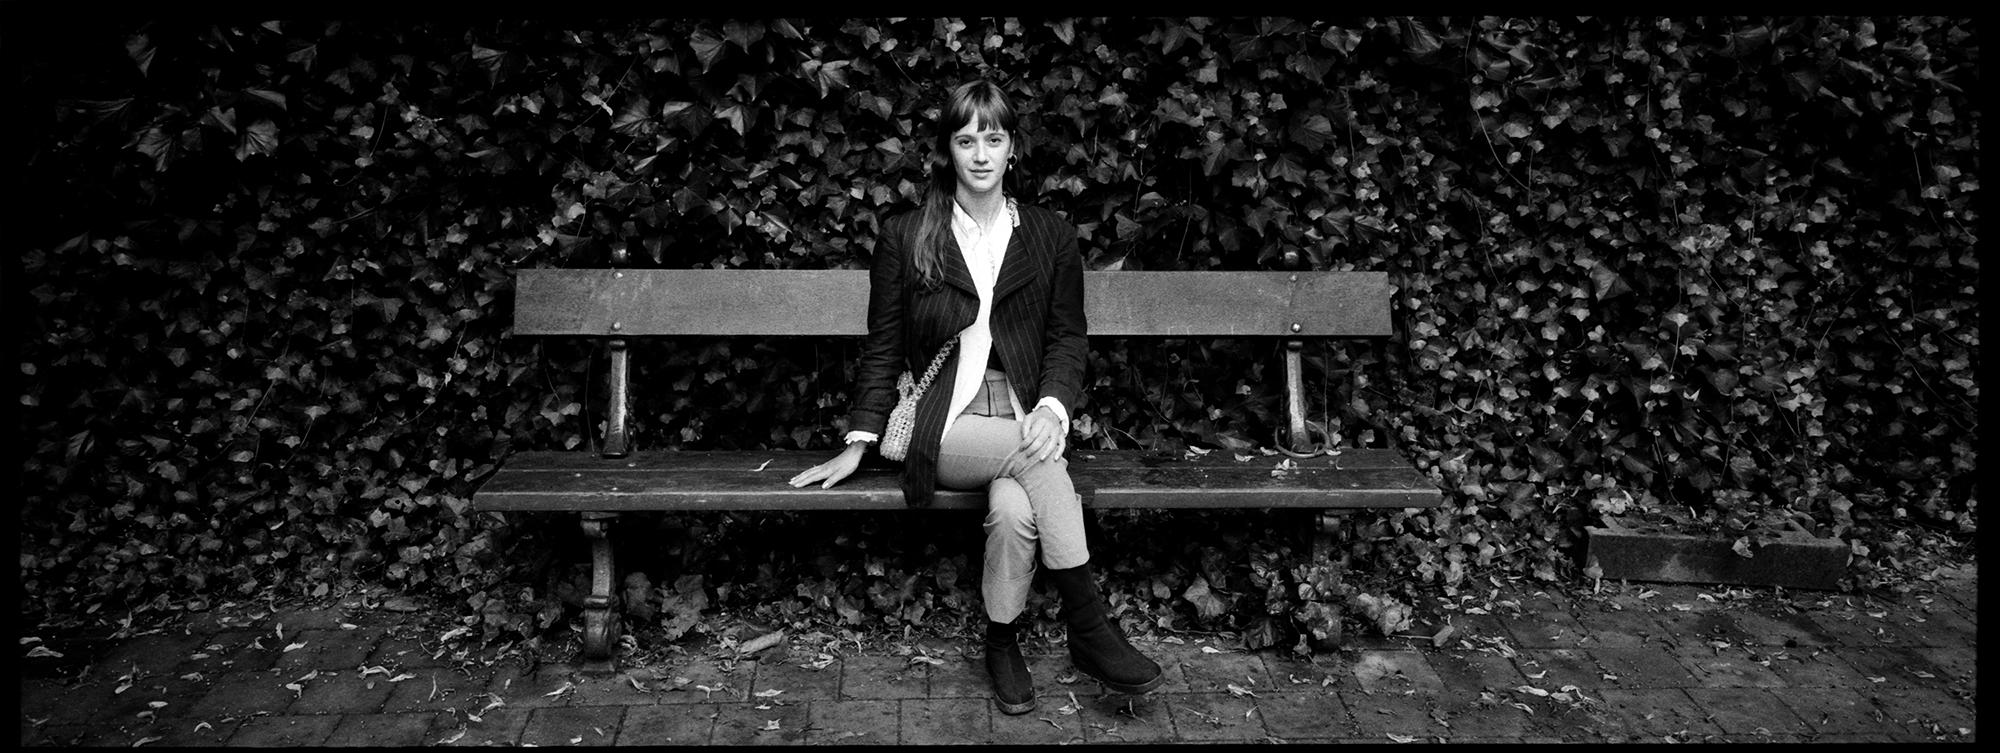 Zoë-Louise Estève - ZUUI by Laurent Orseau #1